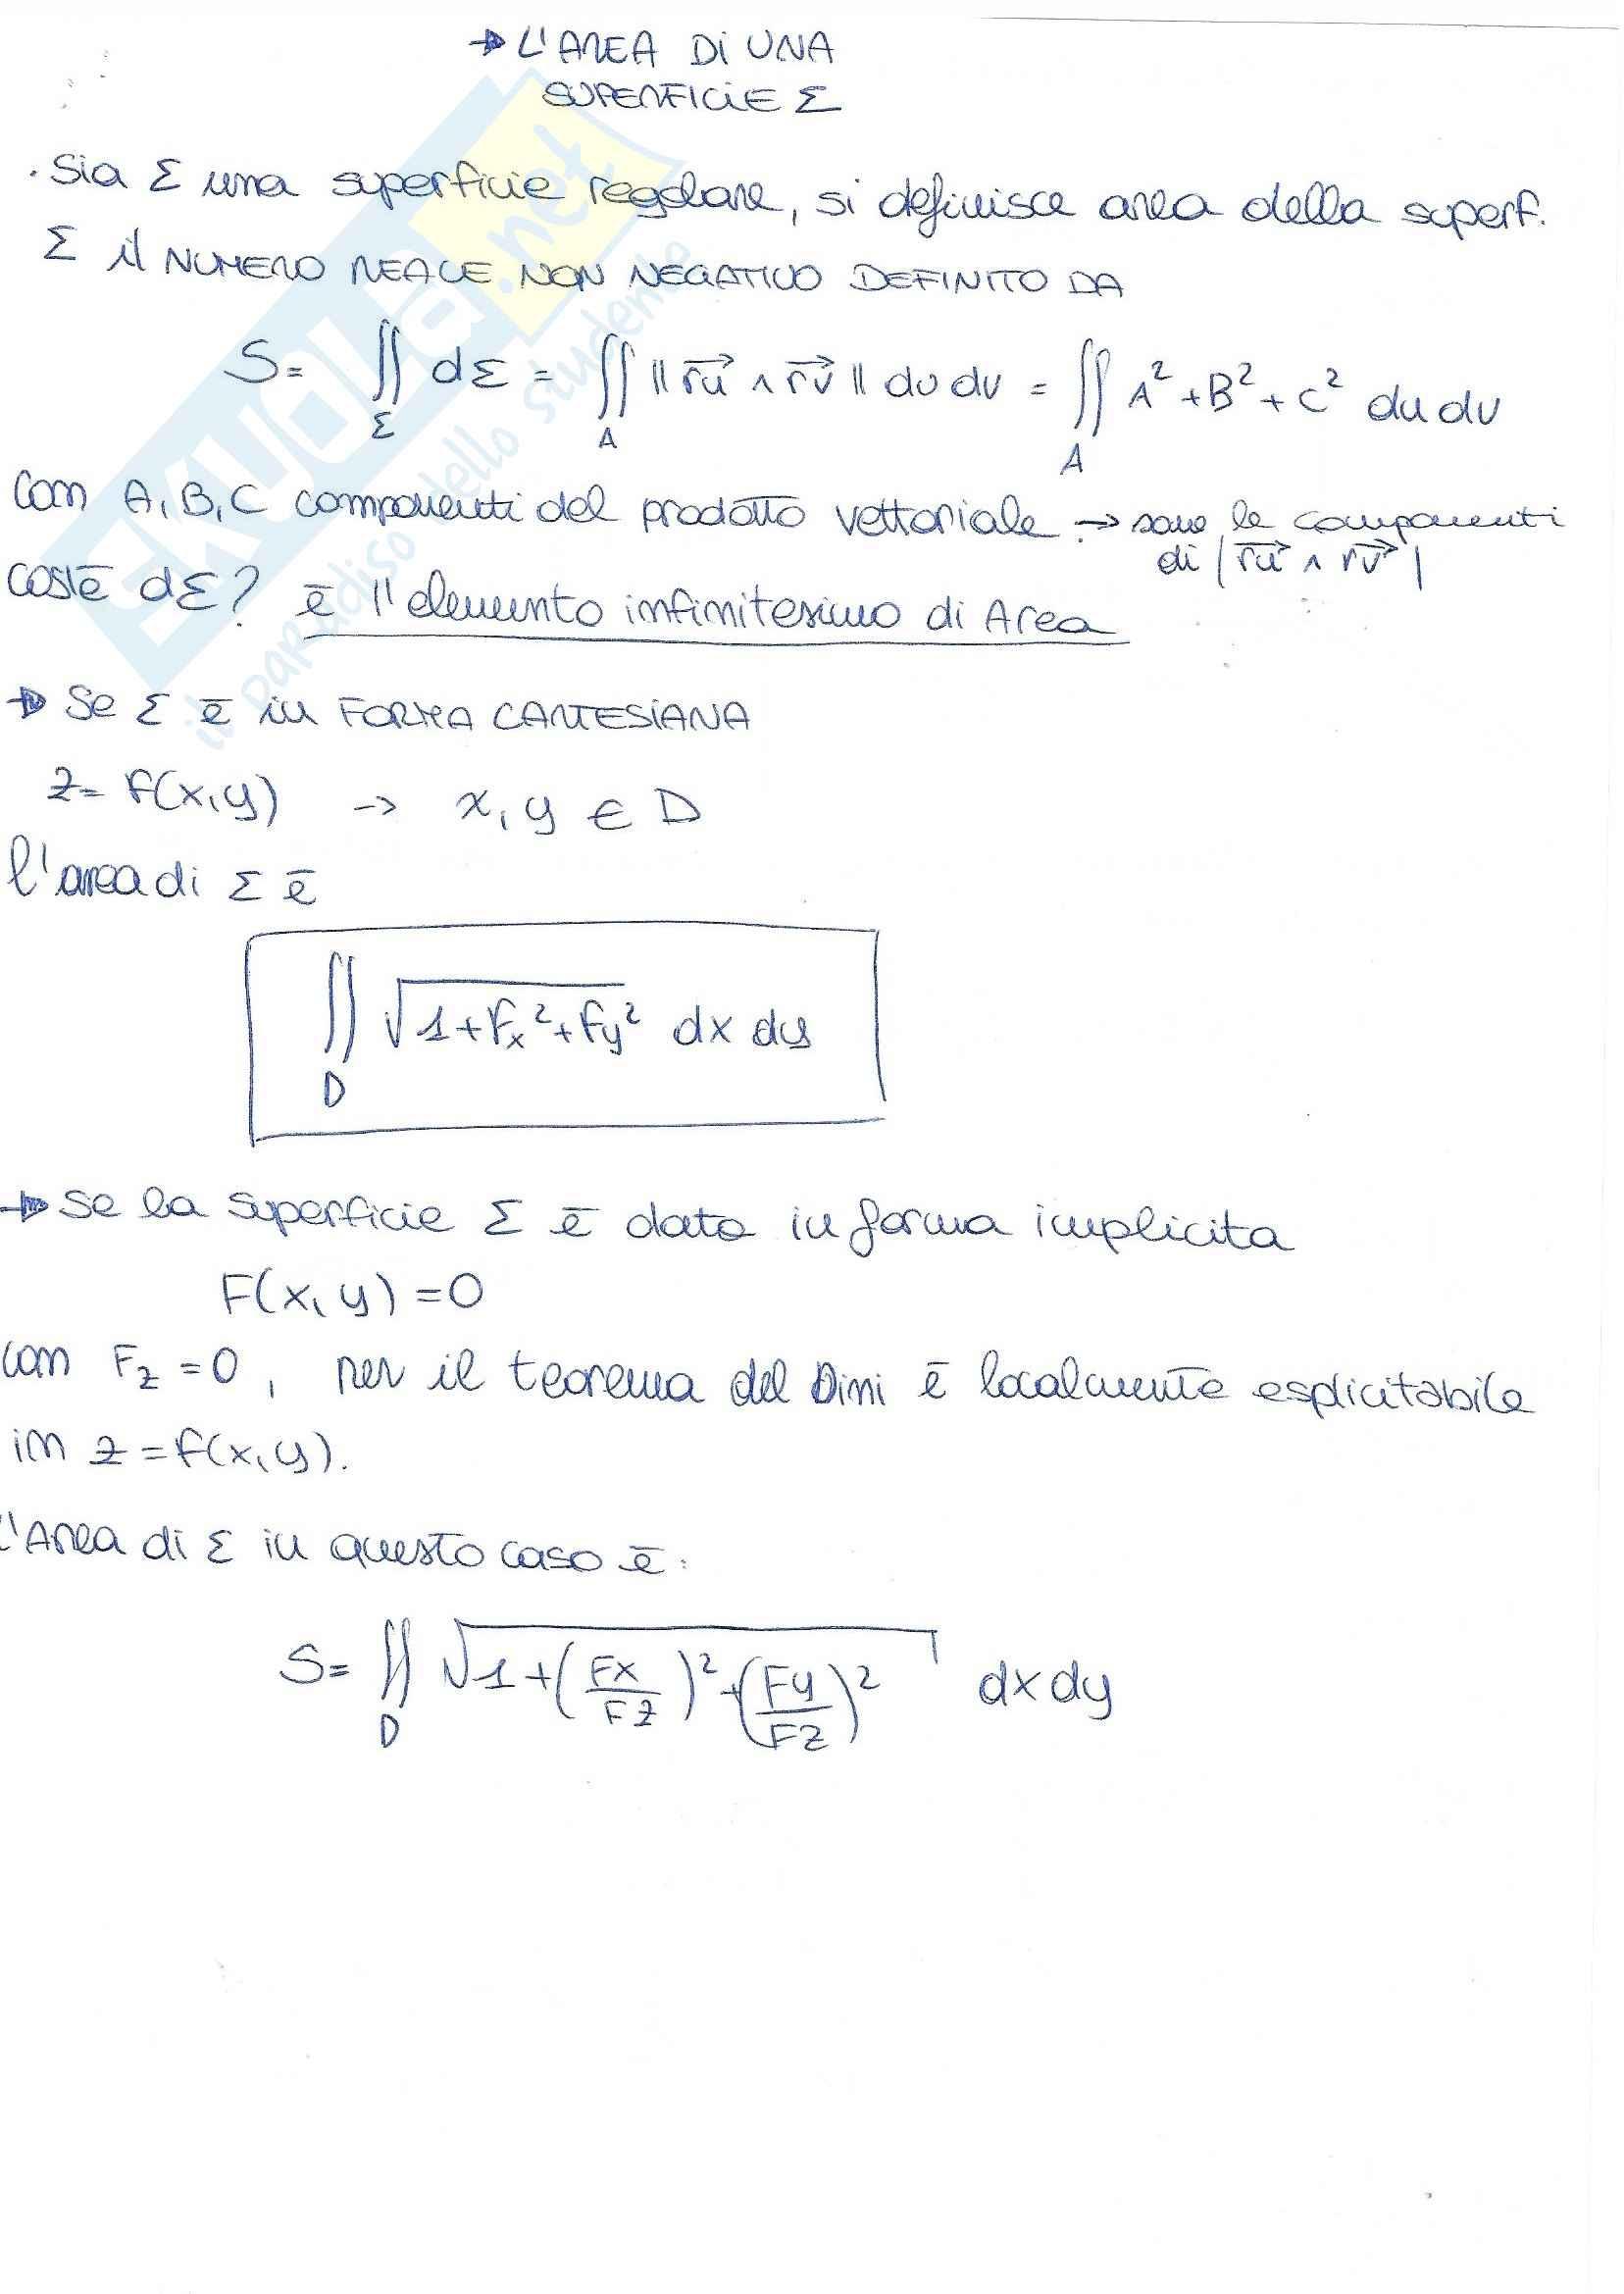 Appunti di teoria: forme differenziali, Gauss-Green, Stokes, Integrali curvilinei e superficiali Pag. 21